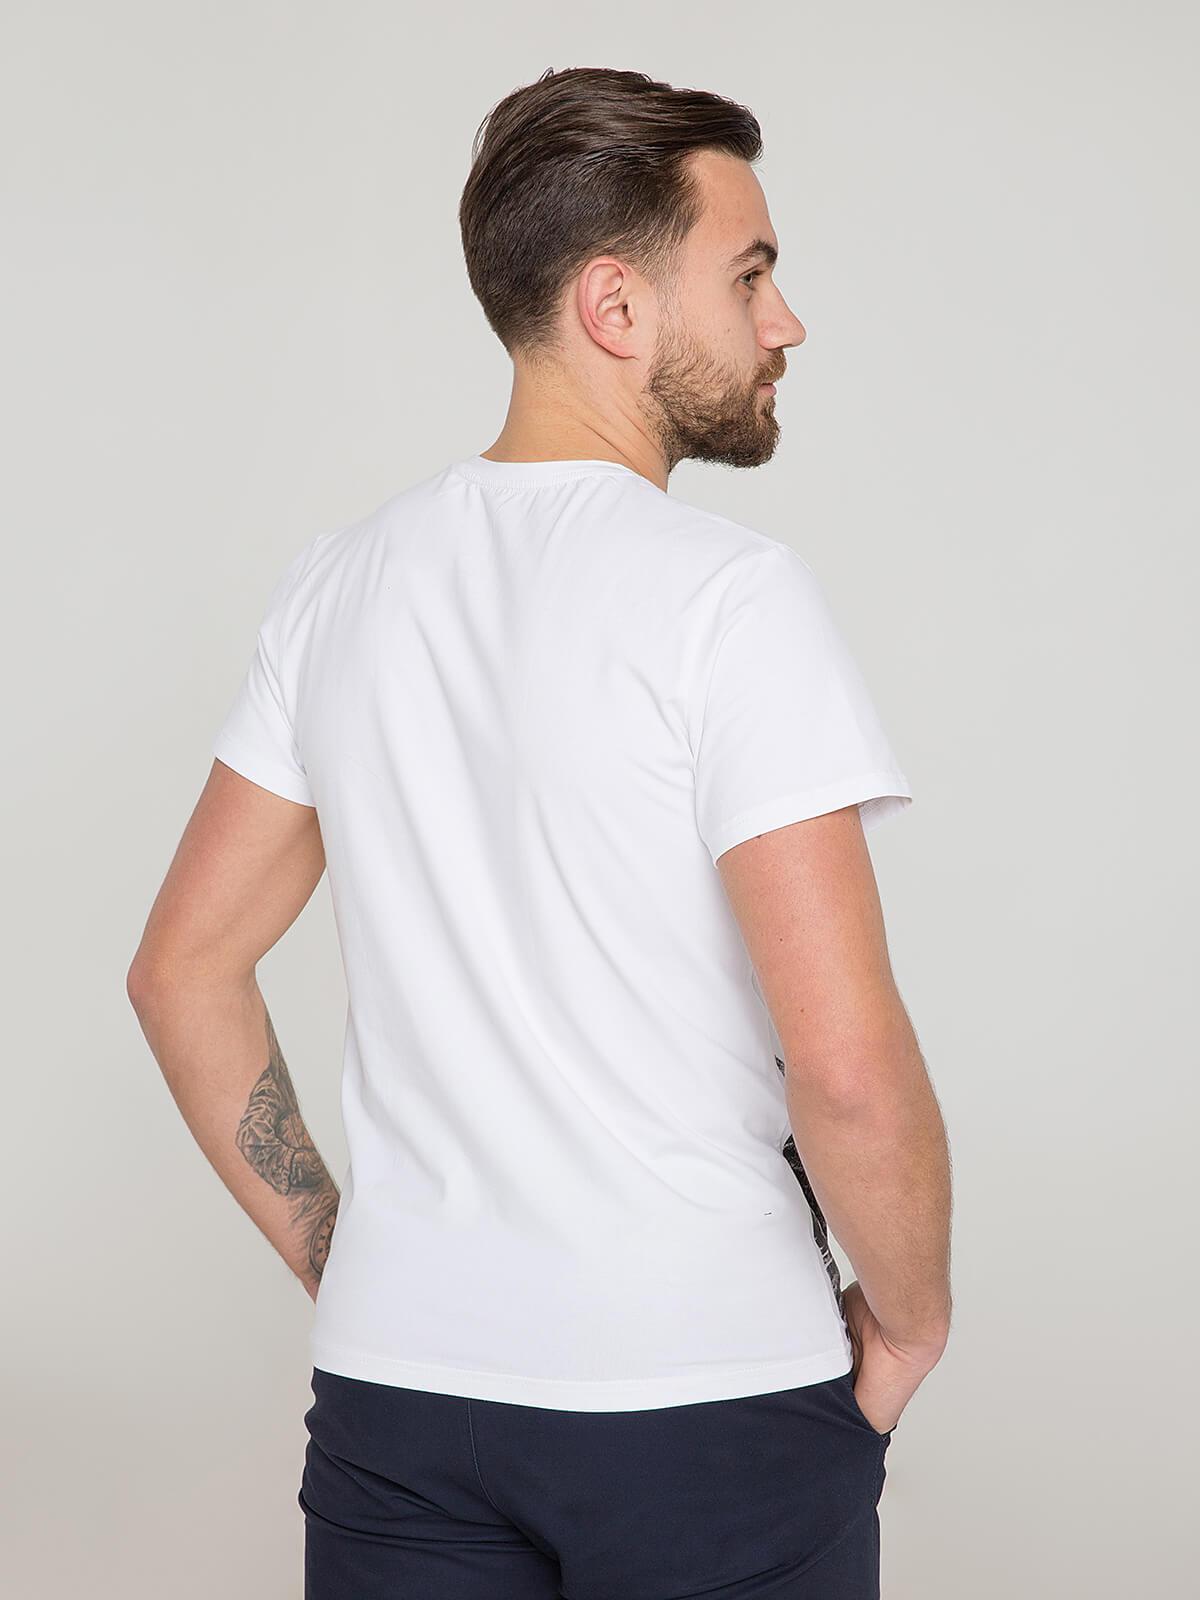 Men's T-Shirt Gowk. Color white.  Material: 95% cotton, 5% spandex.